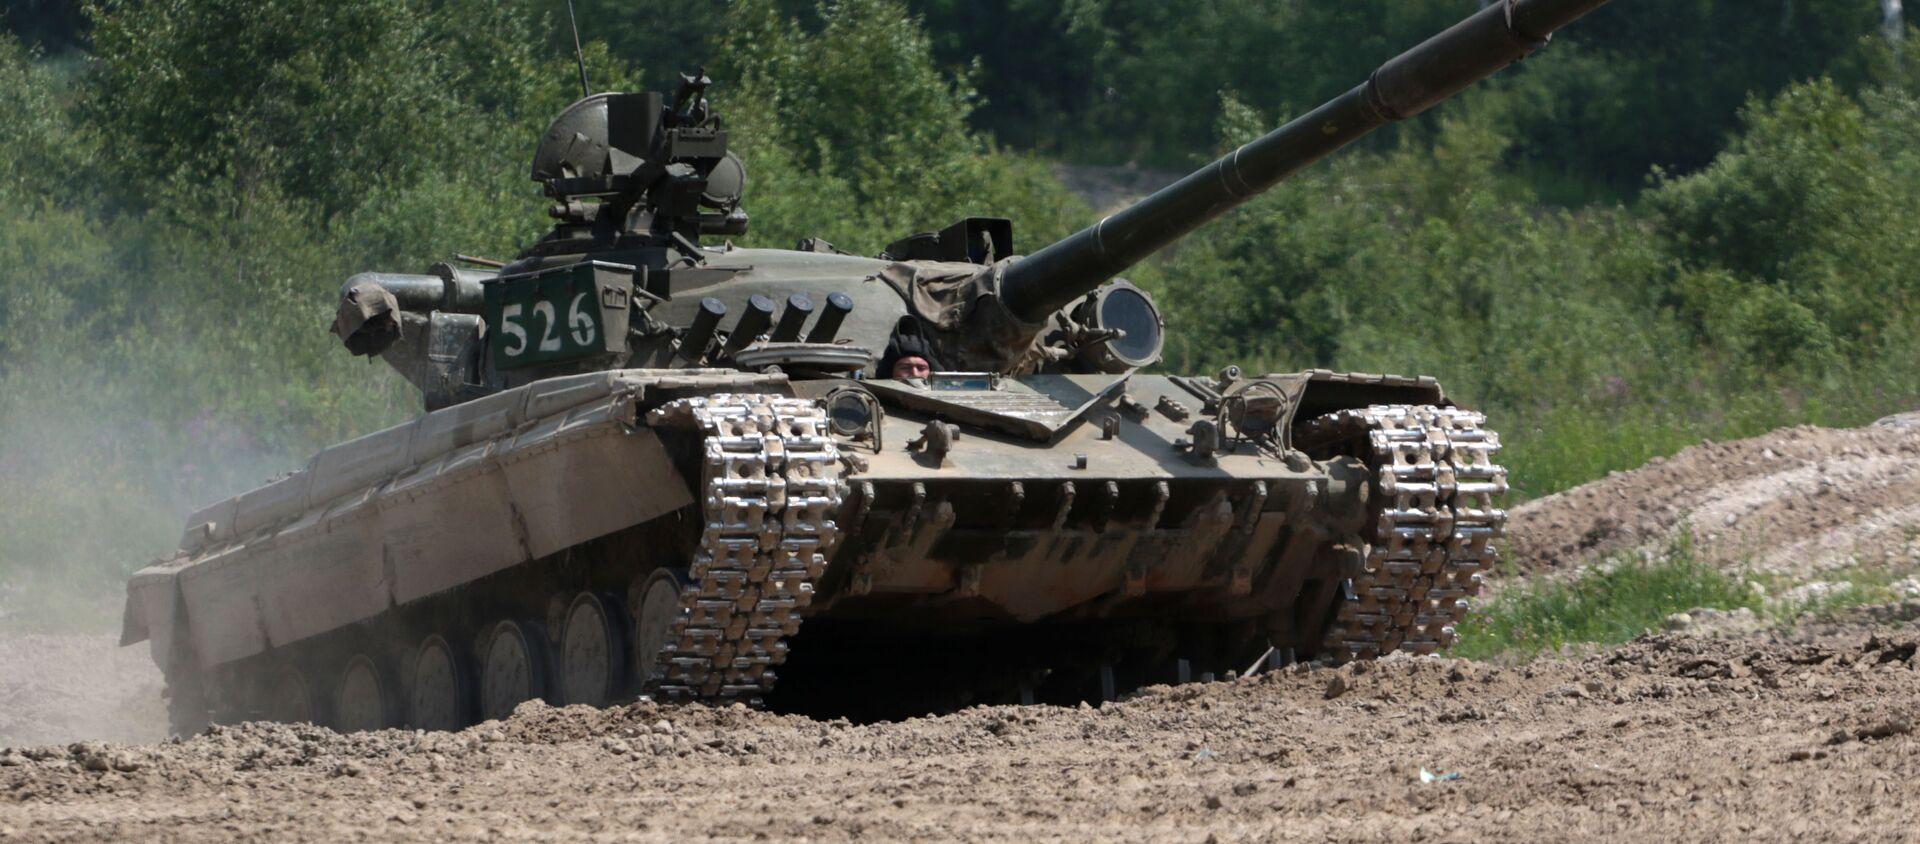 Tank T-64 vo vremya voyennыx ucheniy - Sputnik Oʻzbekiston, 1920, 23.07.2020